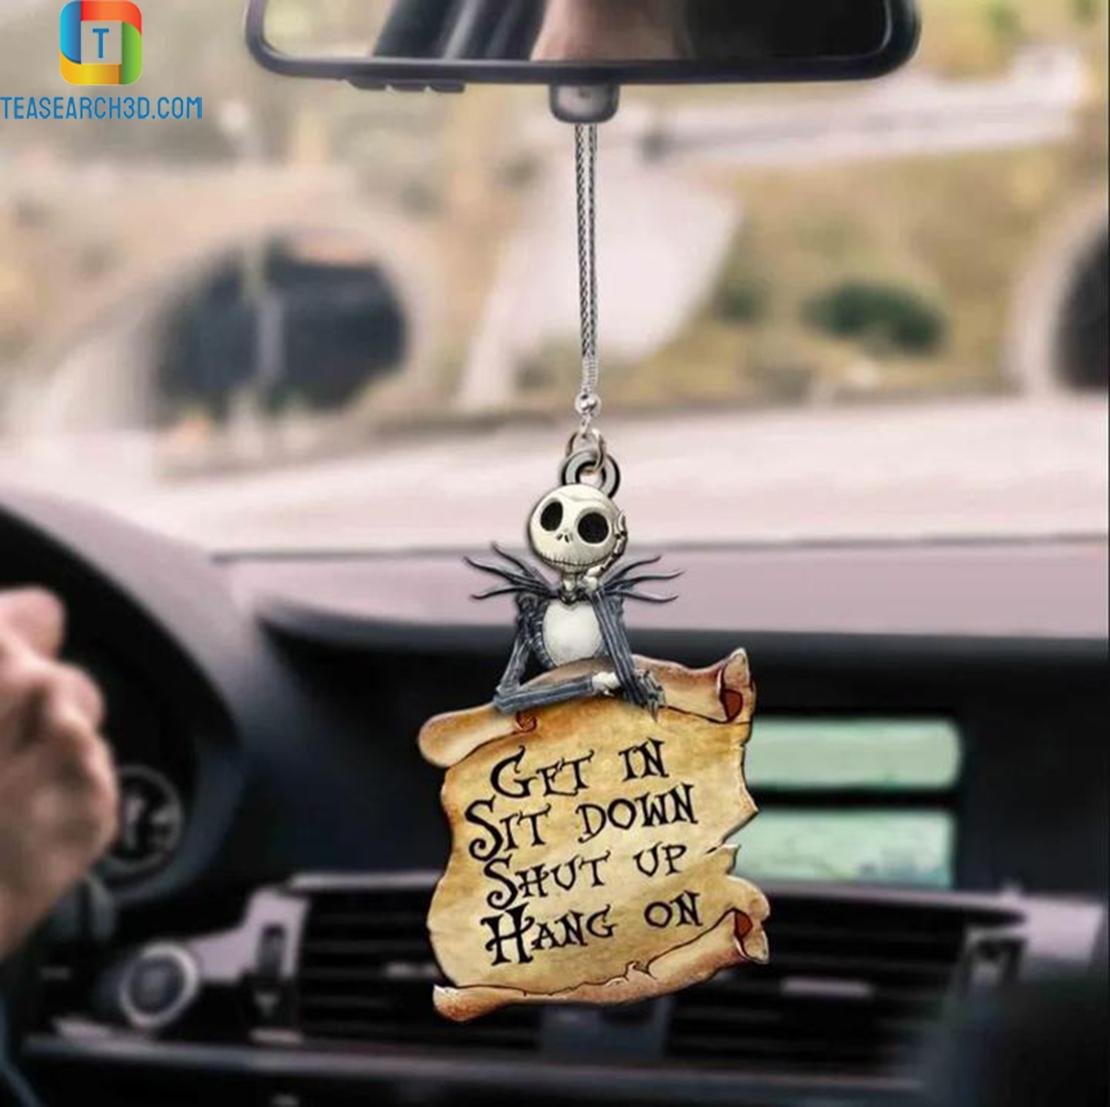 Jack skellington get in sit down shut up hang on car hanging ornament 1